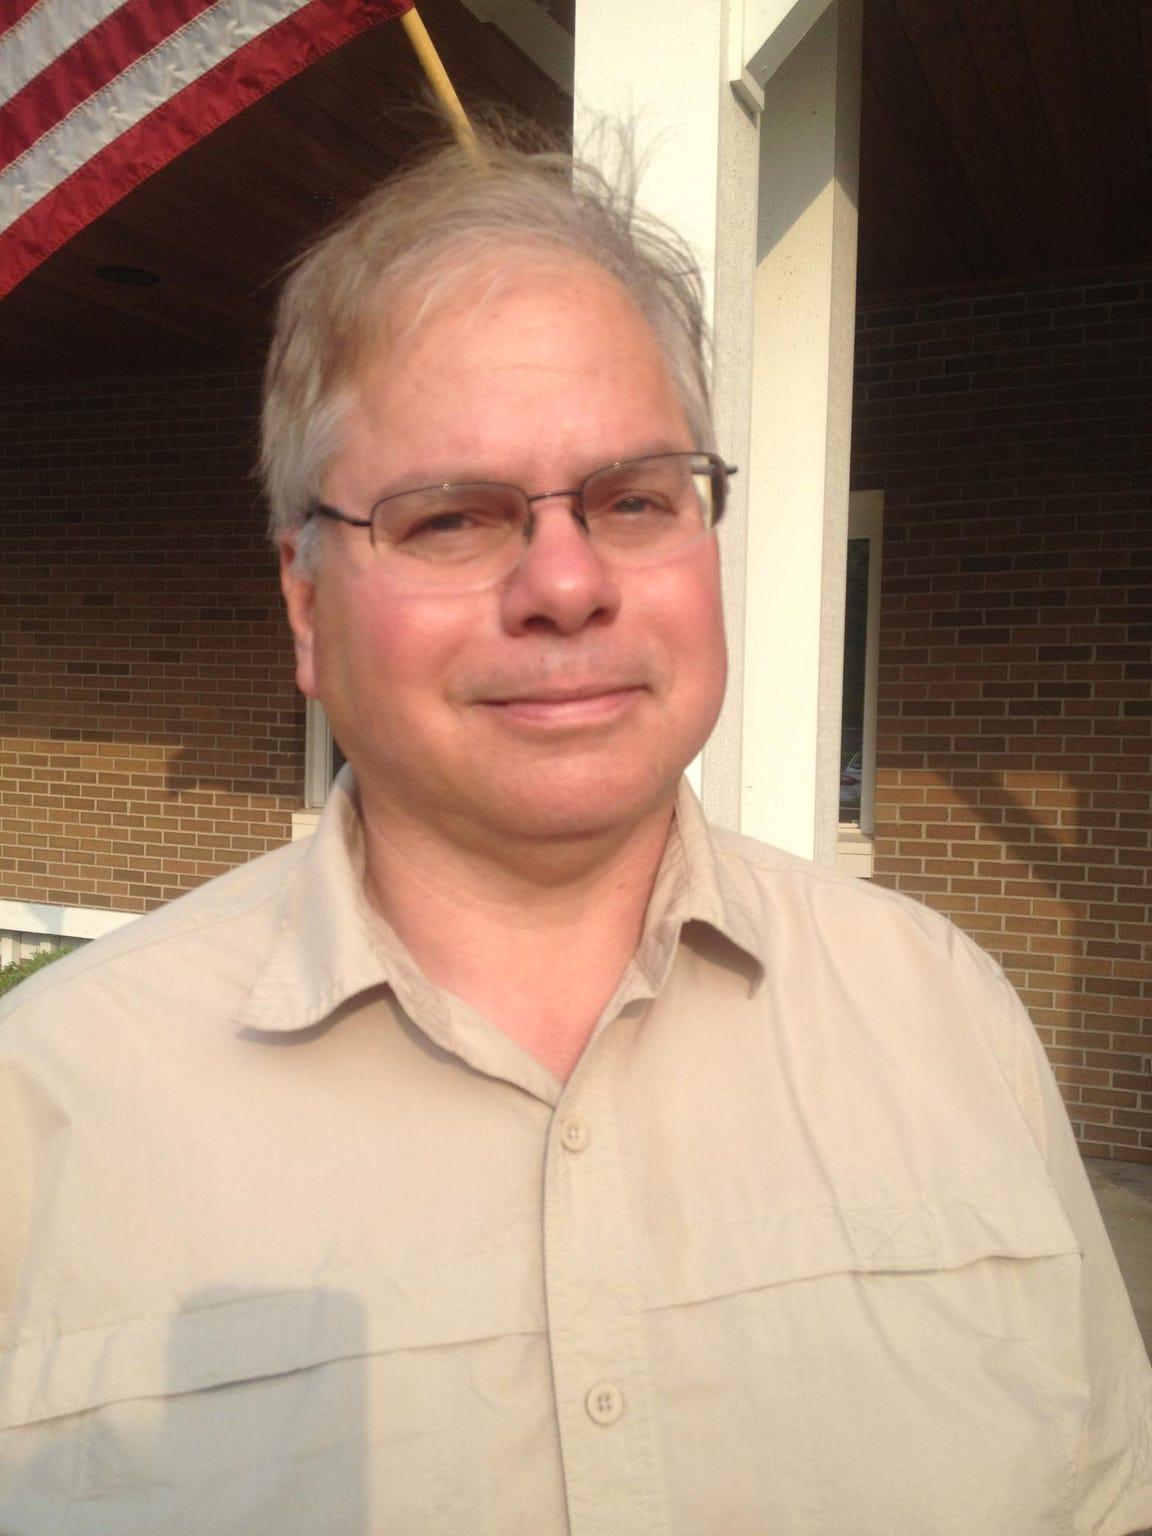 Dave Ostrem